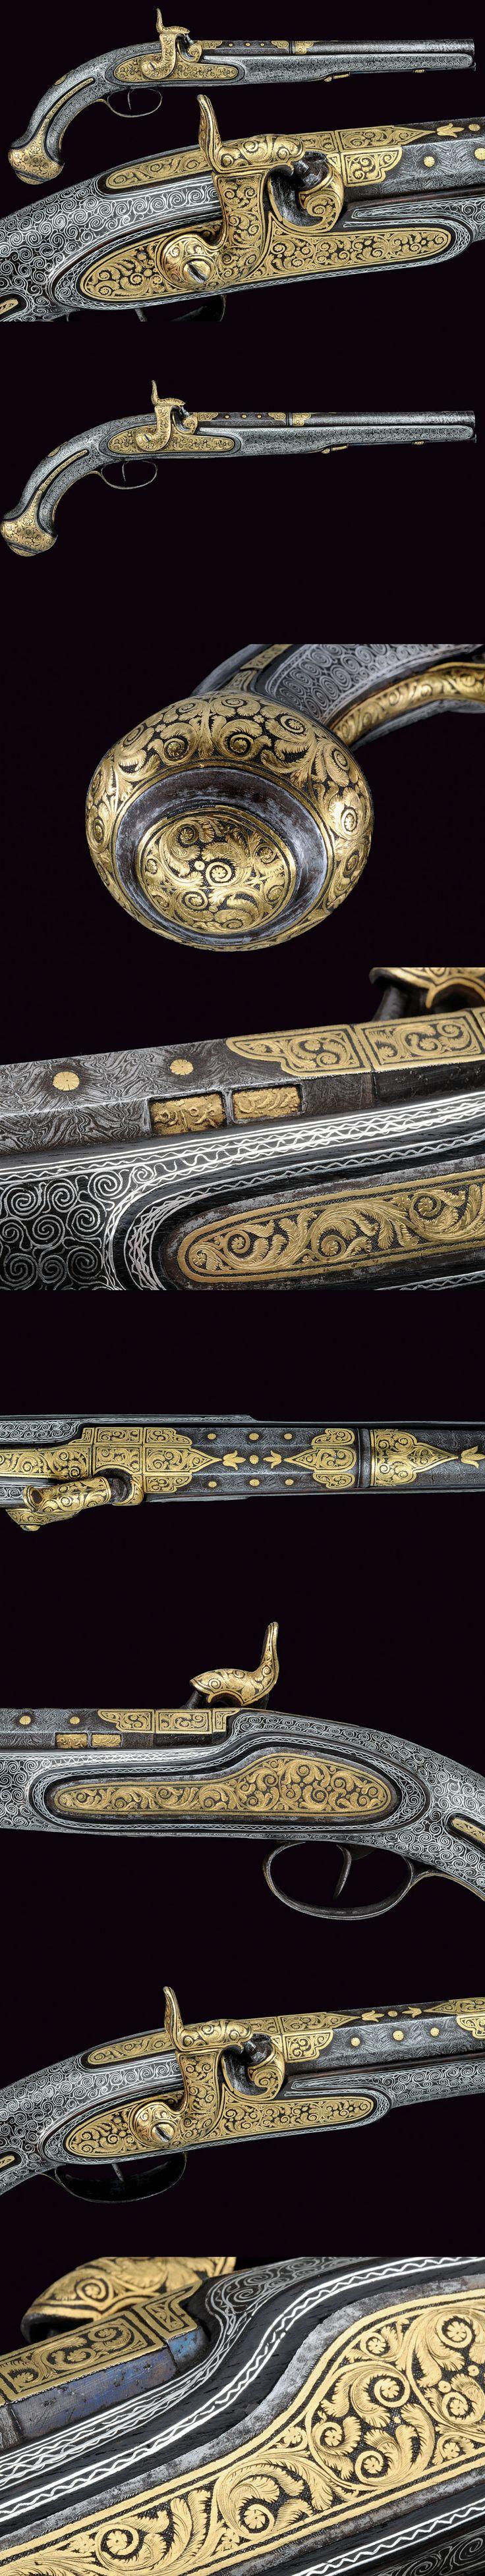 Percussion Pistol (Mid 19th Century Ottoman Empire)